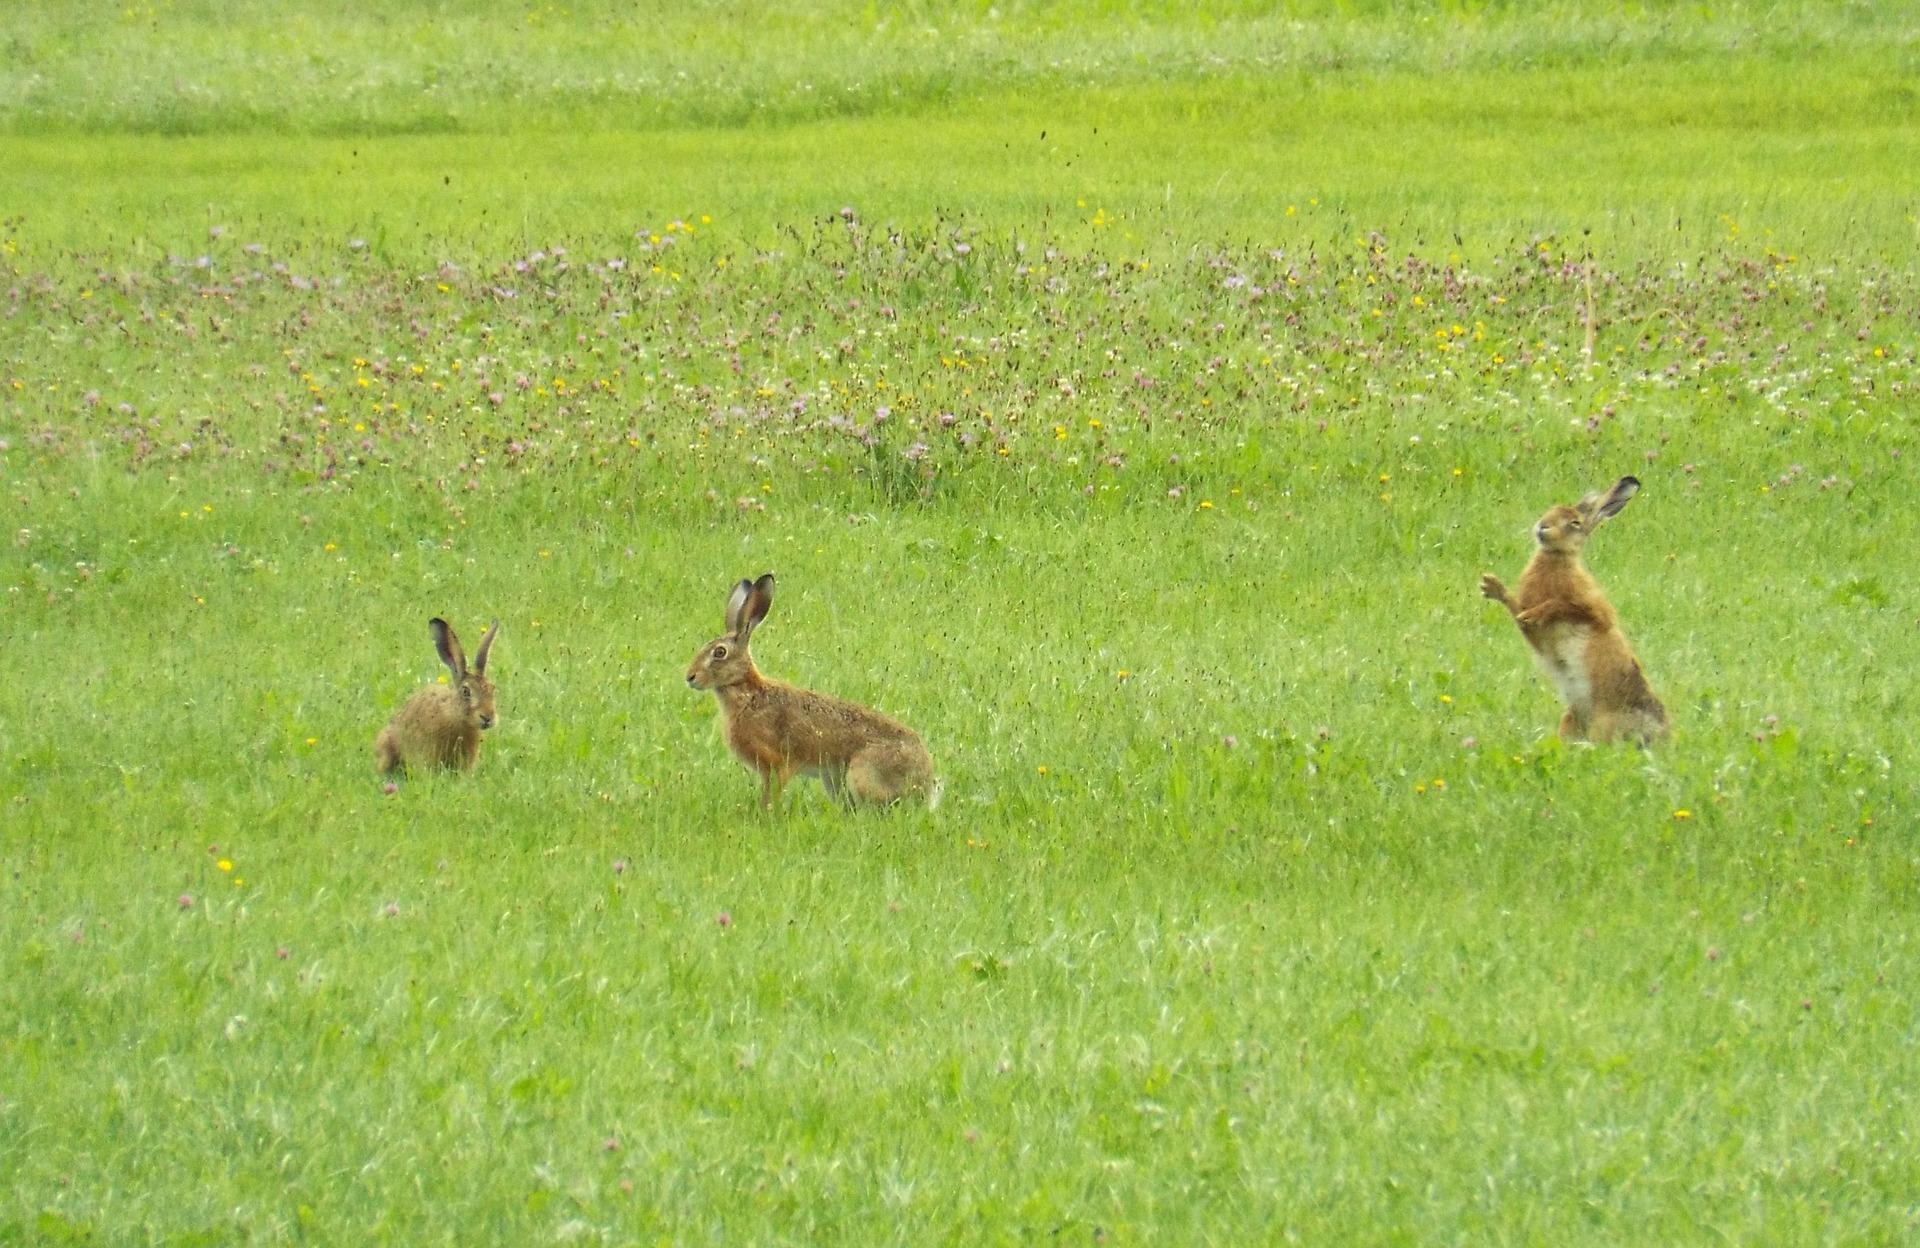 Im vergangenen Frühjahr haben Jäger durchschnittlich 11 Feldhasen pro Quadratkilometer auf Wiesen und Feldern in Deutschland gezählt.